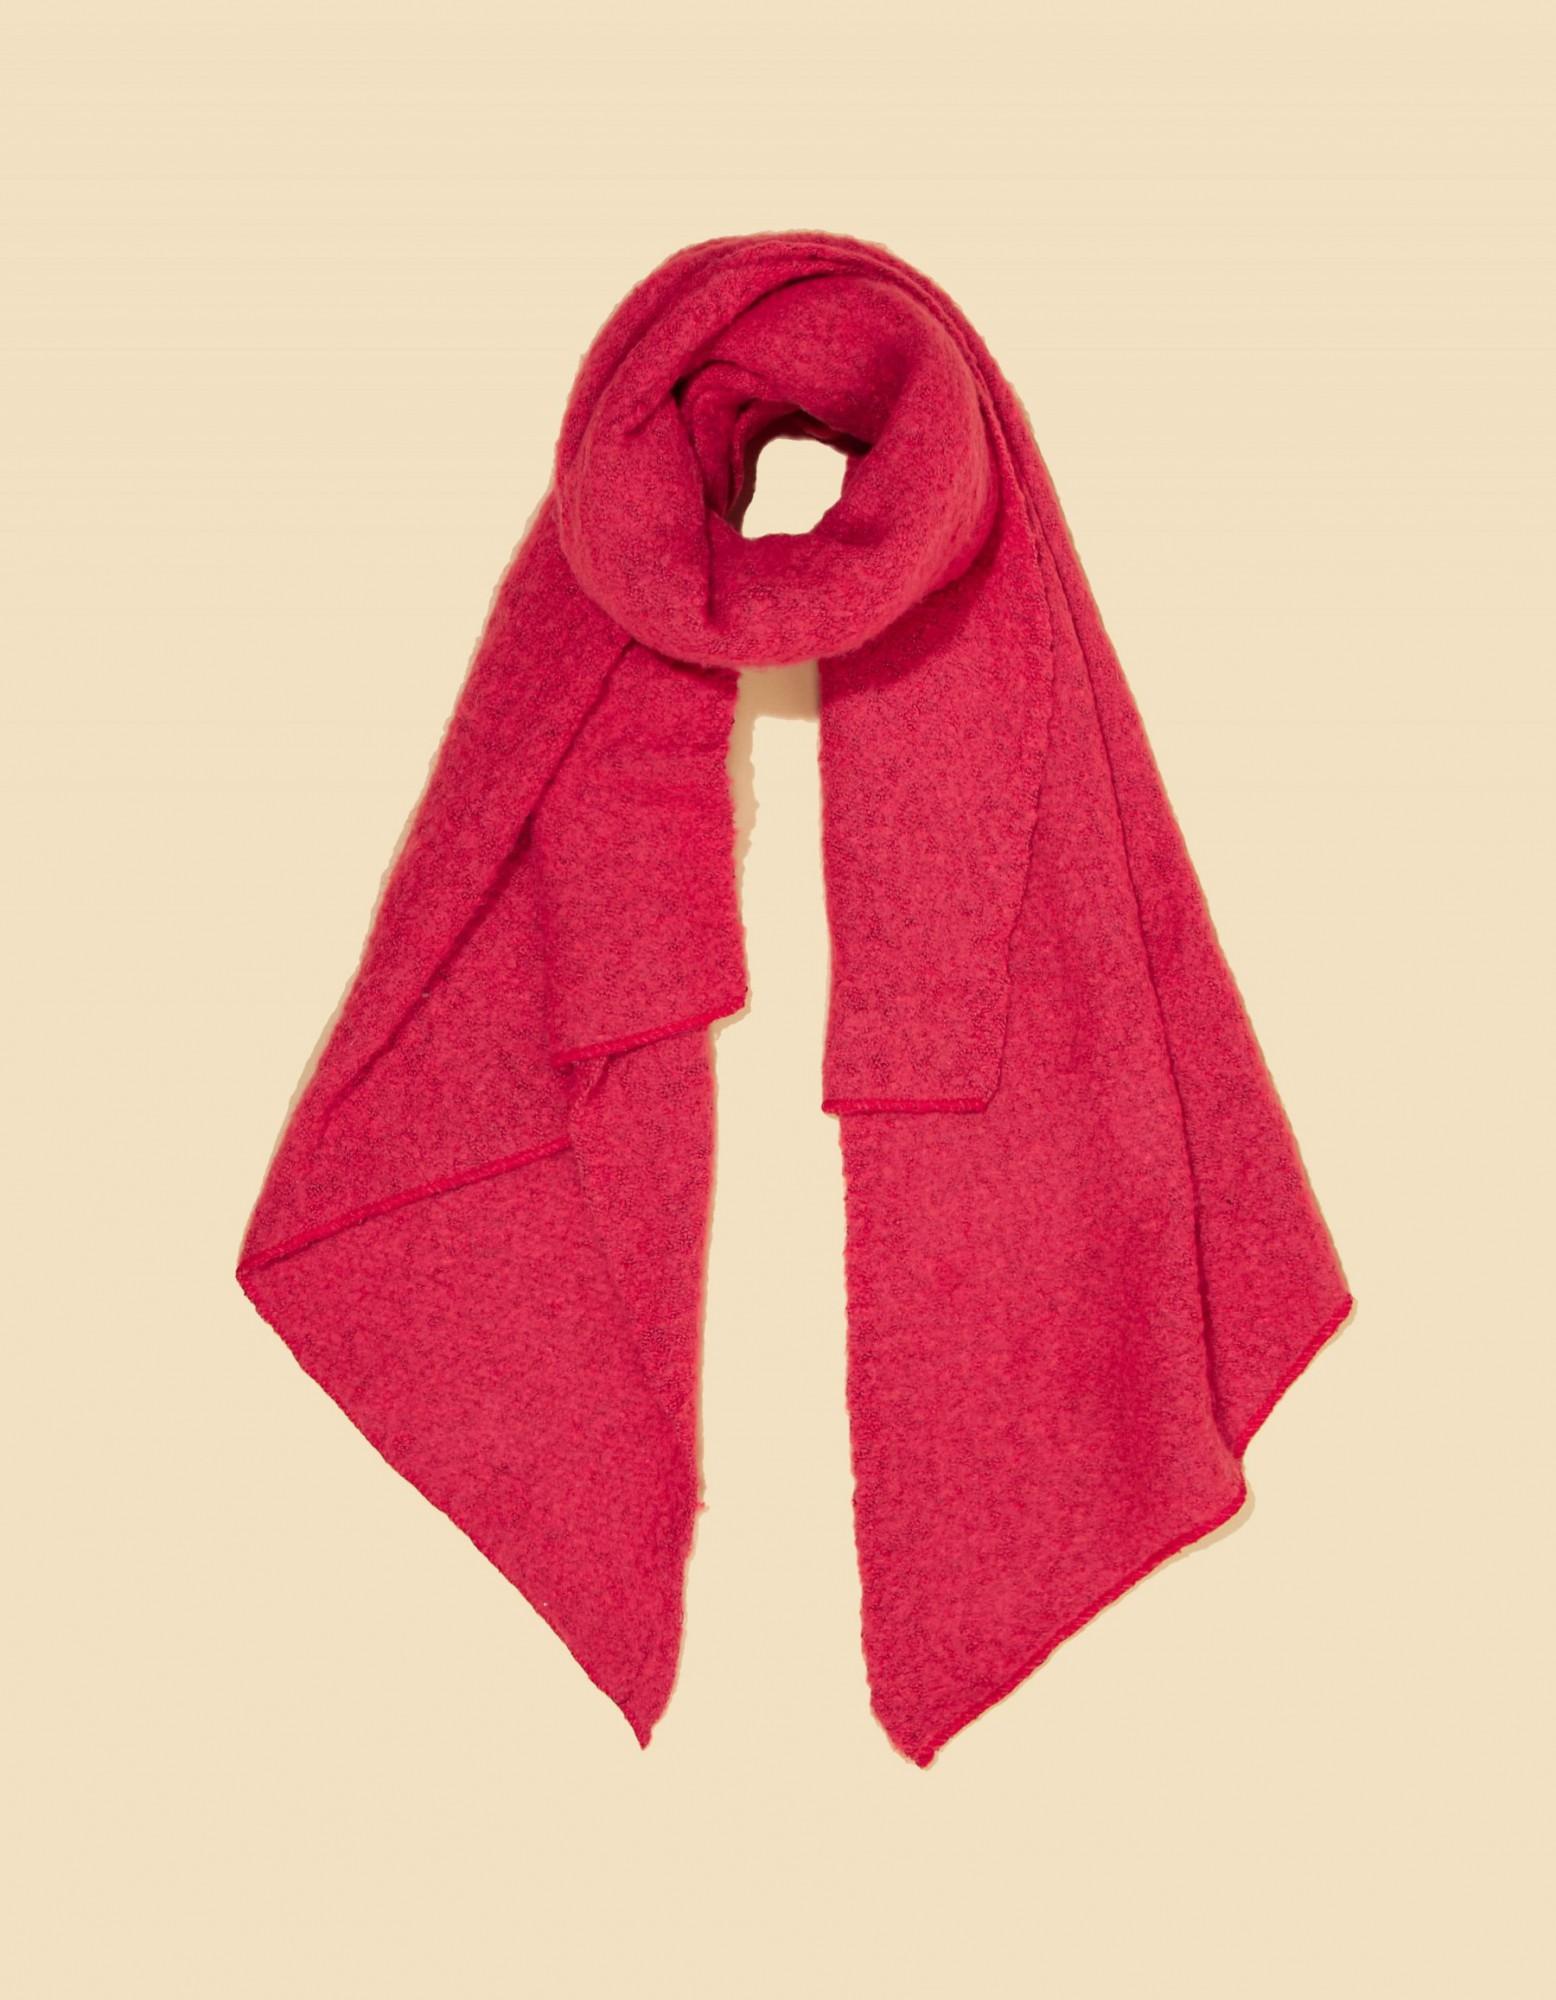 Grande écharpe rouge corail La Fiancée du Mékong, écharpe Zafi épaisse et douce